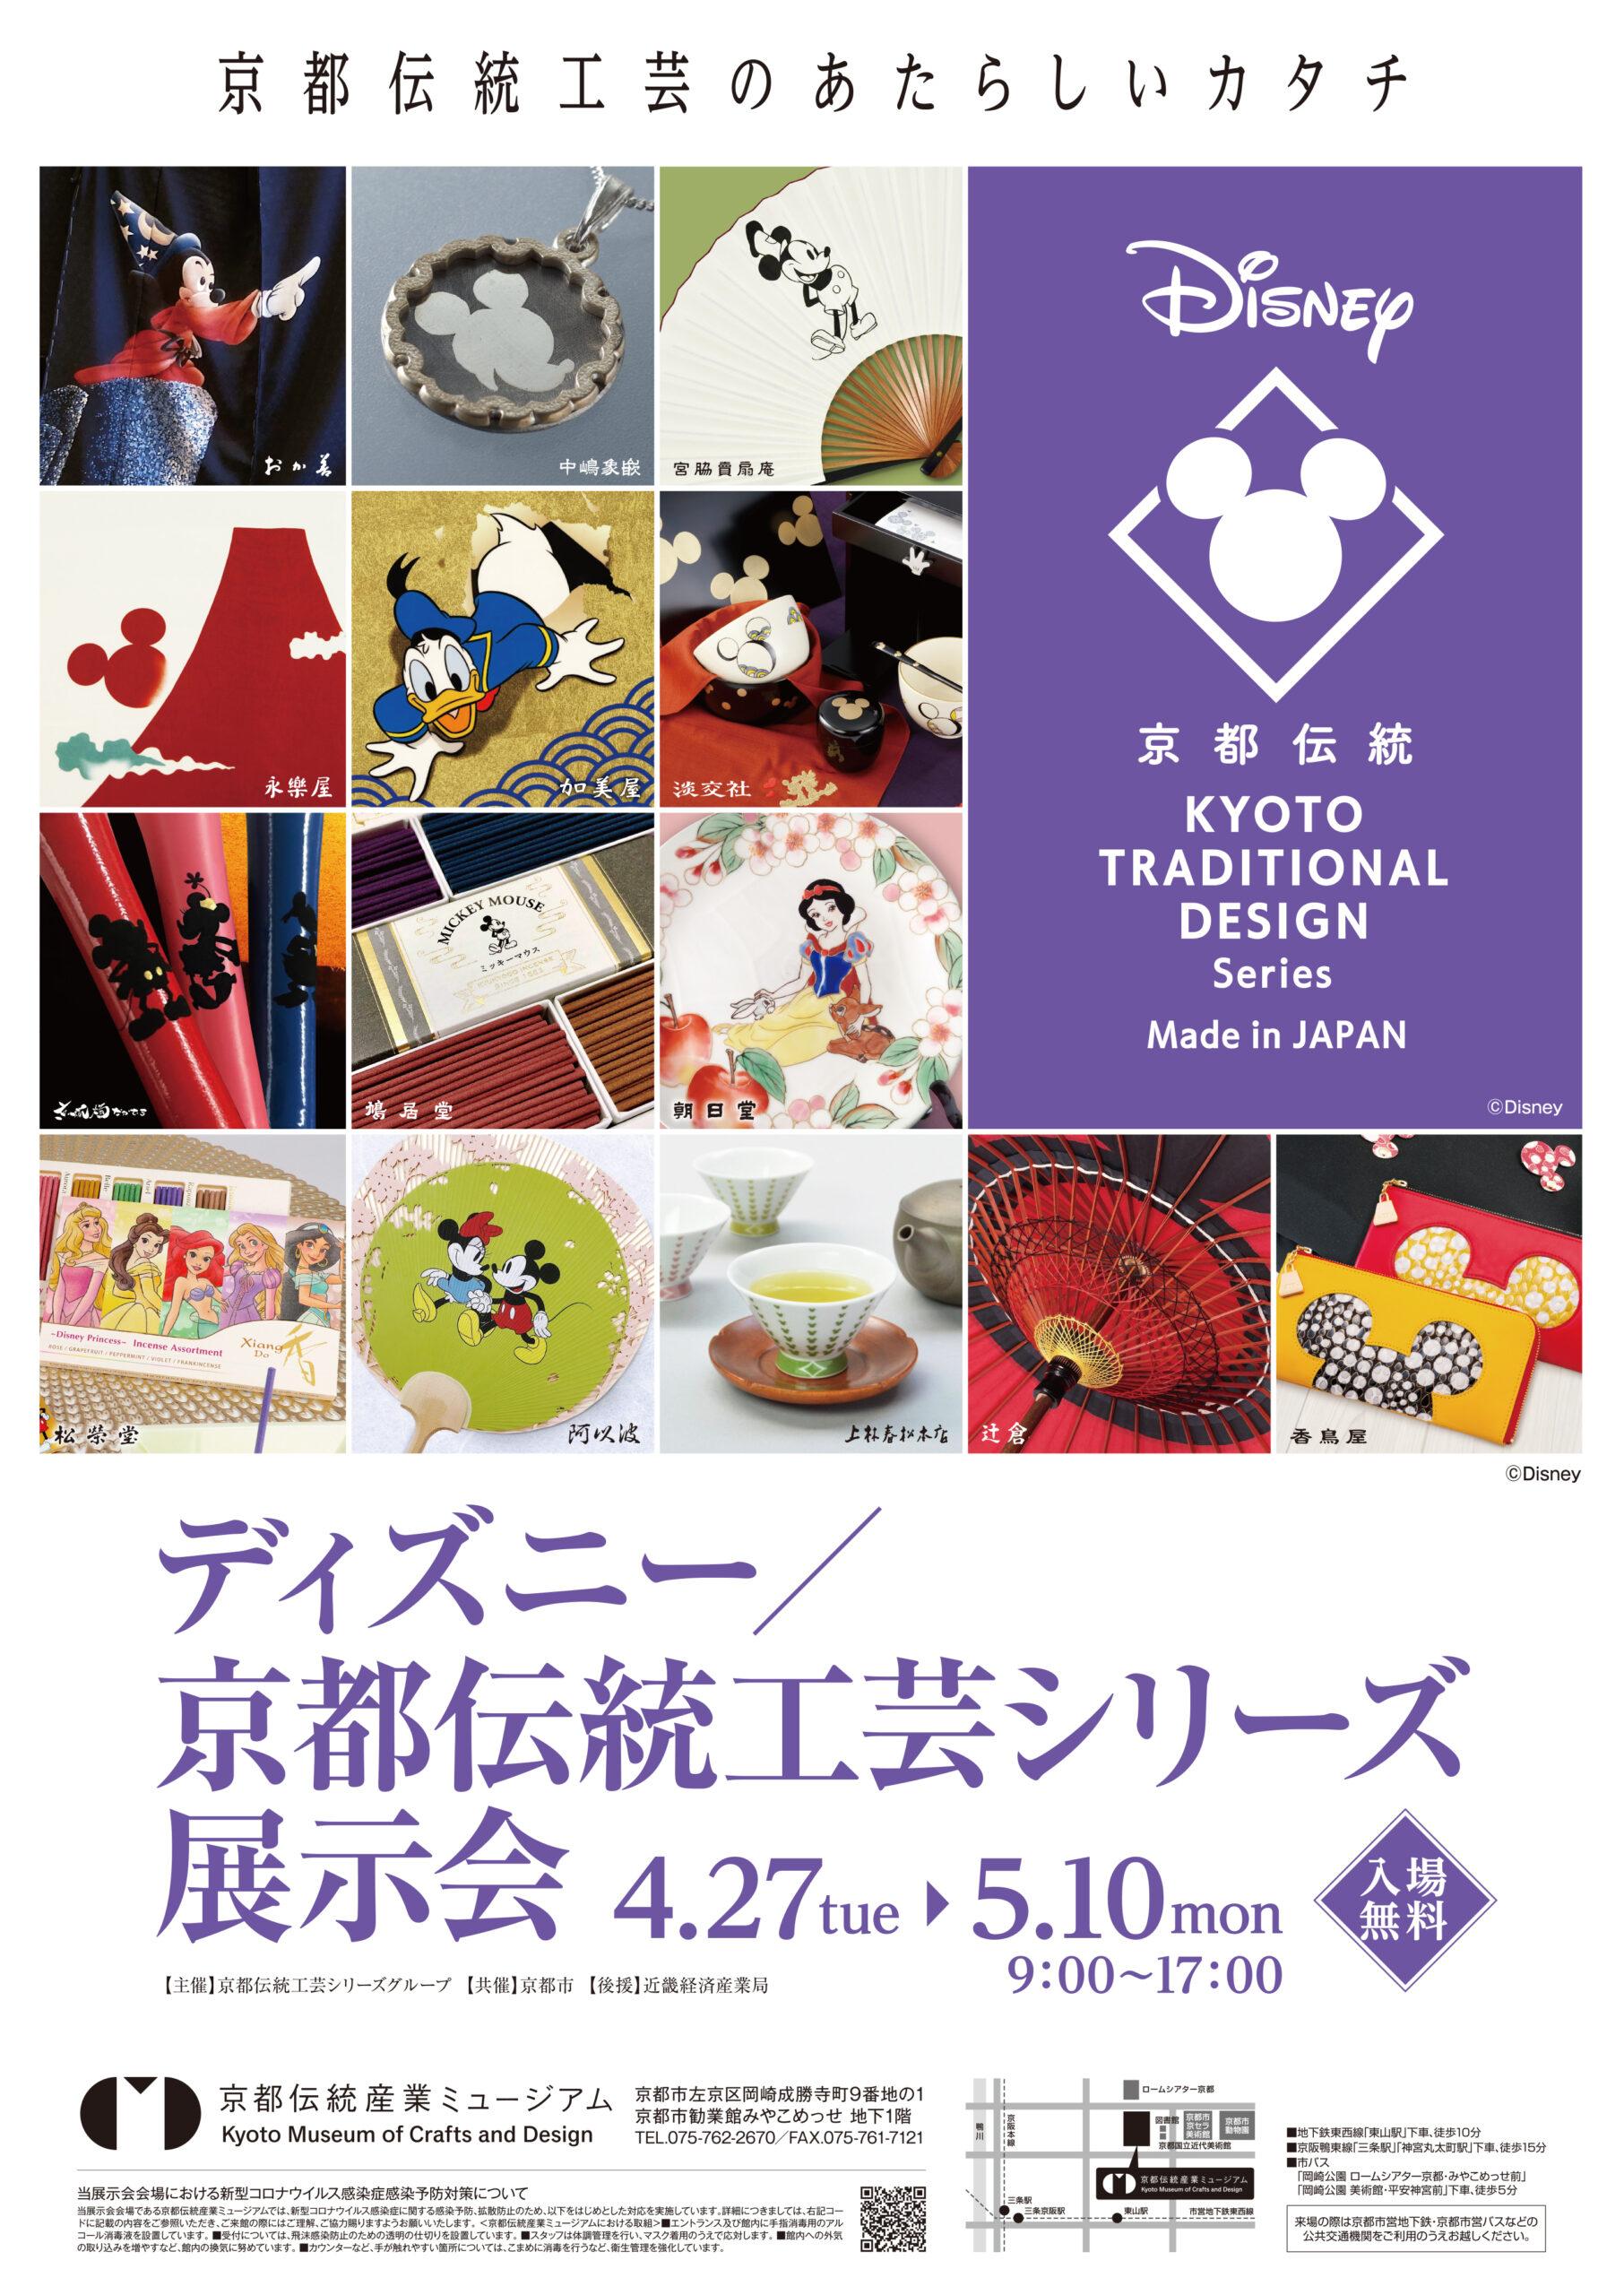 【開催中止】「ディズニー/京都伝統工芸シリーズ」展示会